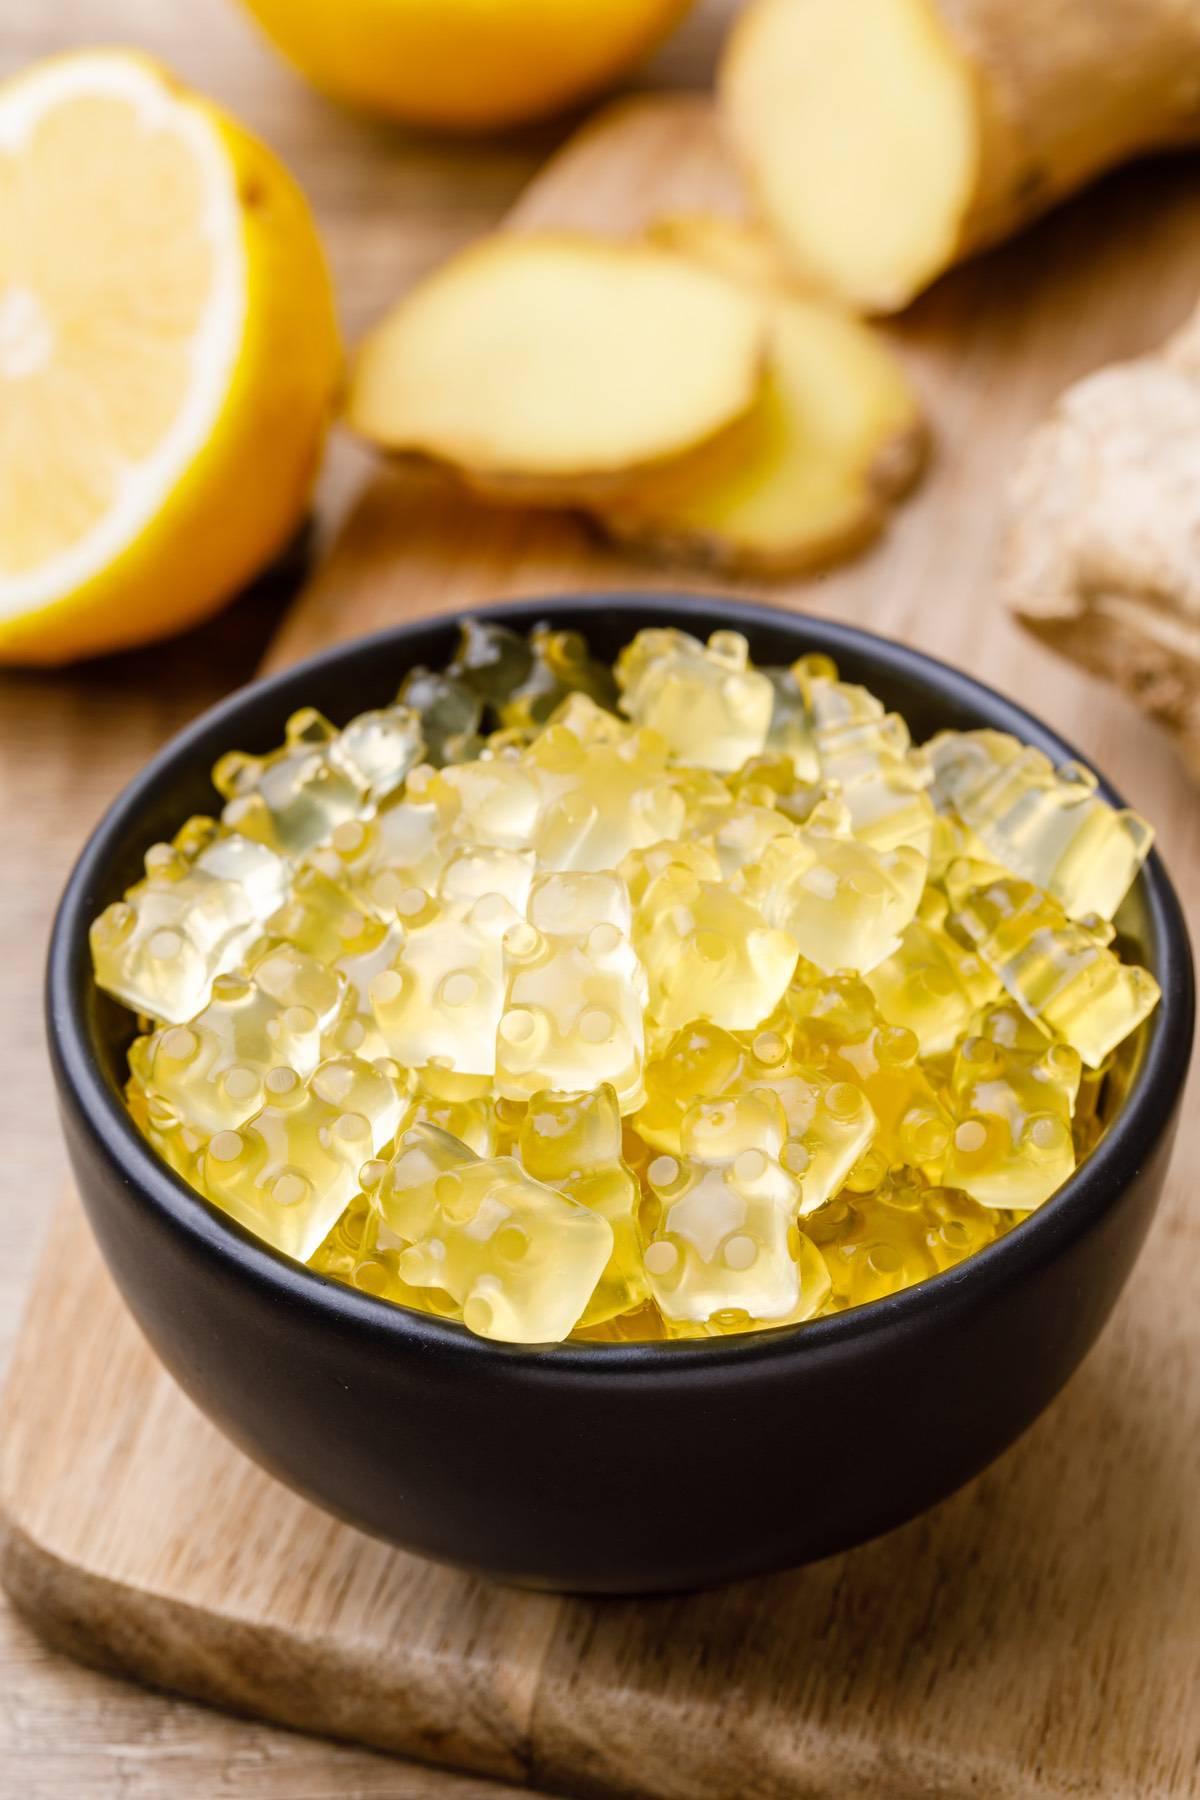 Apple Cider Vinegar, Lemon and Ginger Gummy Bears